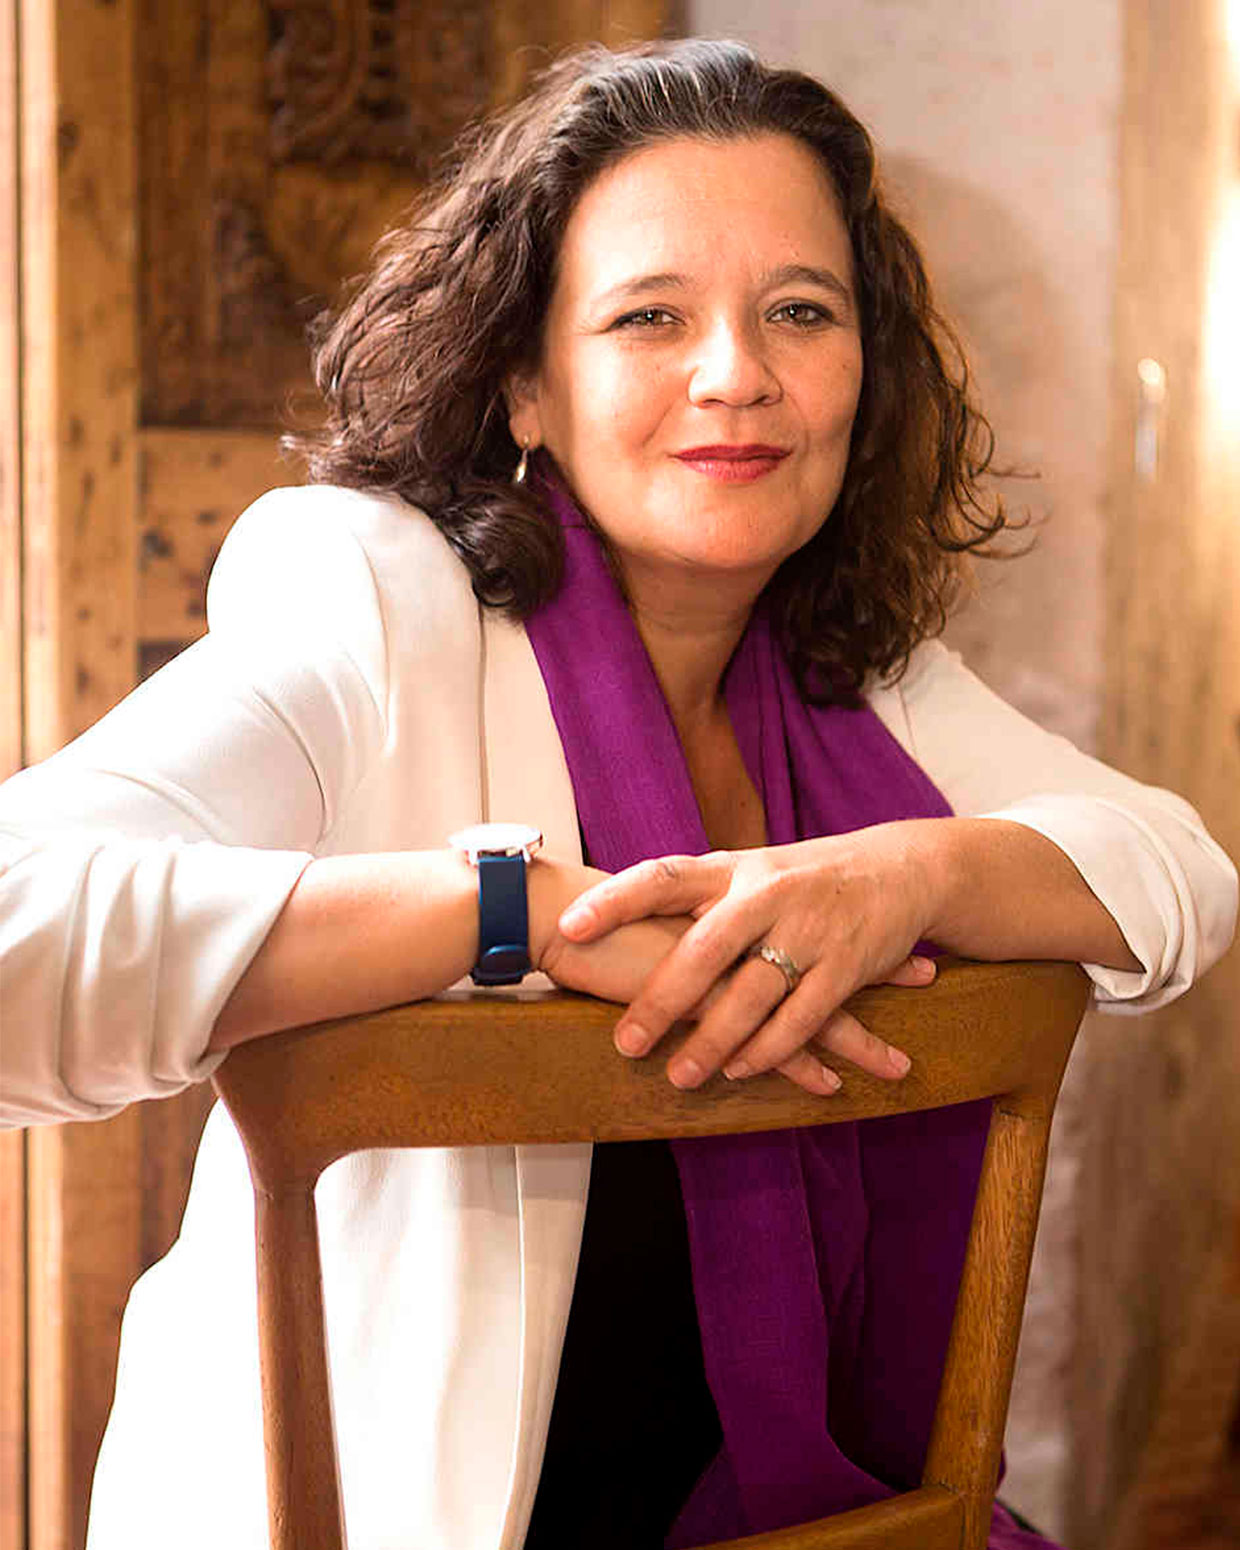 Cristina Fuentes La Roche